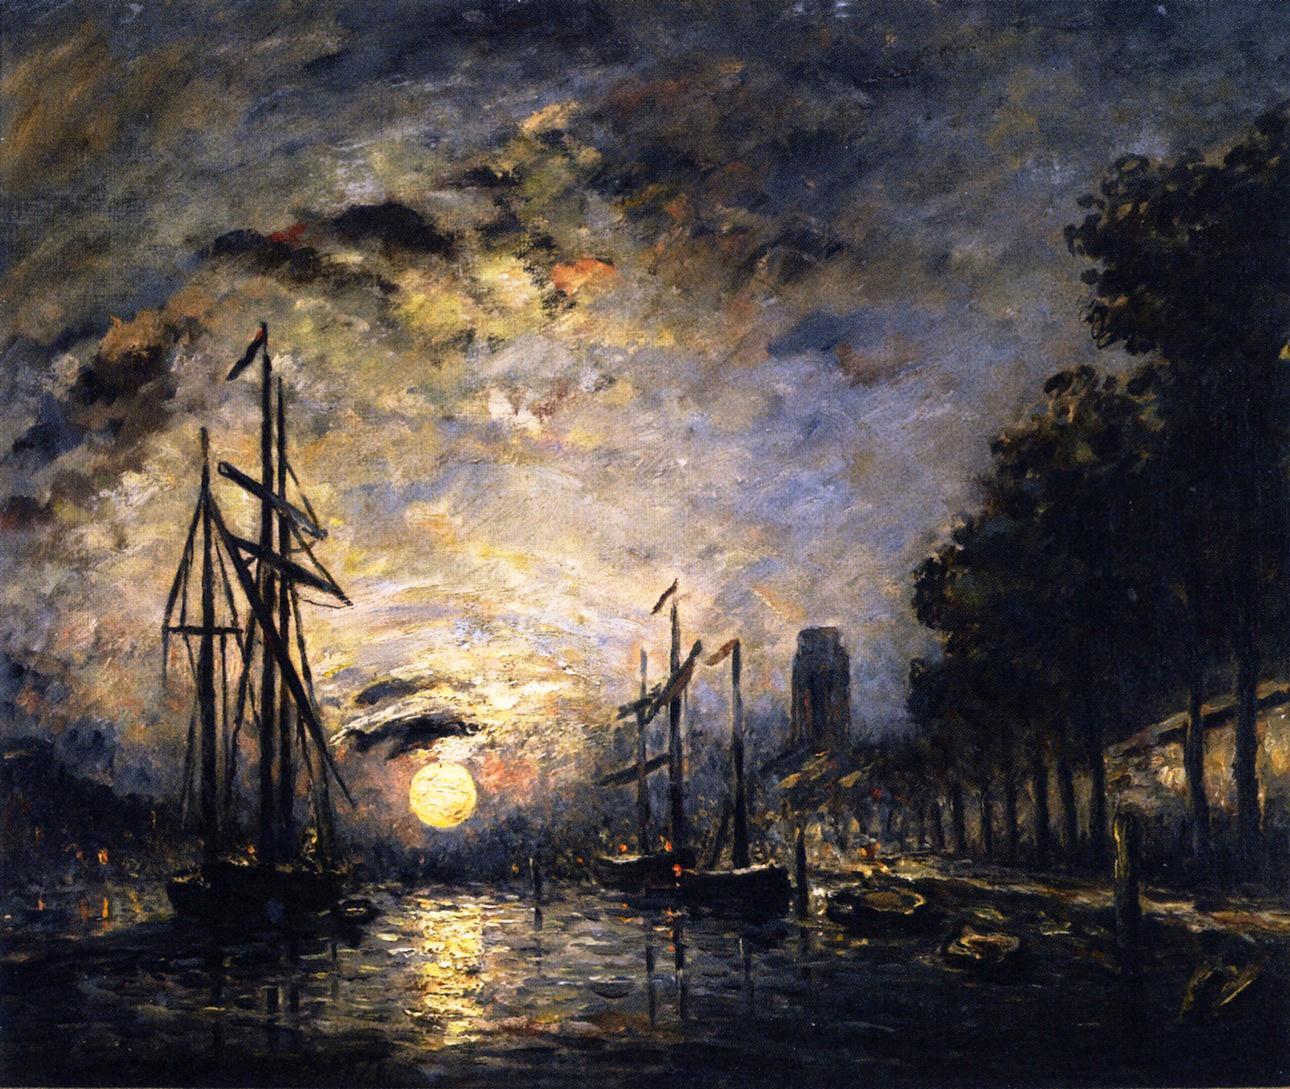 Пейзажи природы картины Ян Йонгкинд Jongkind Moonlight over a Canal Dordrecht Альберт Сафиуллин